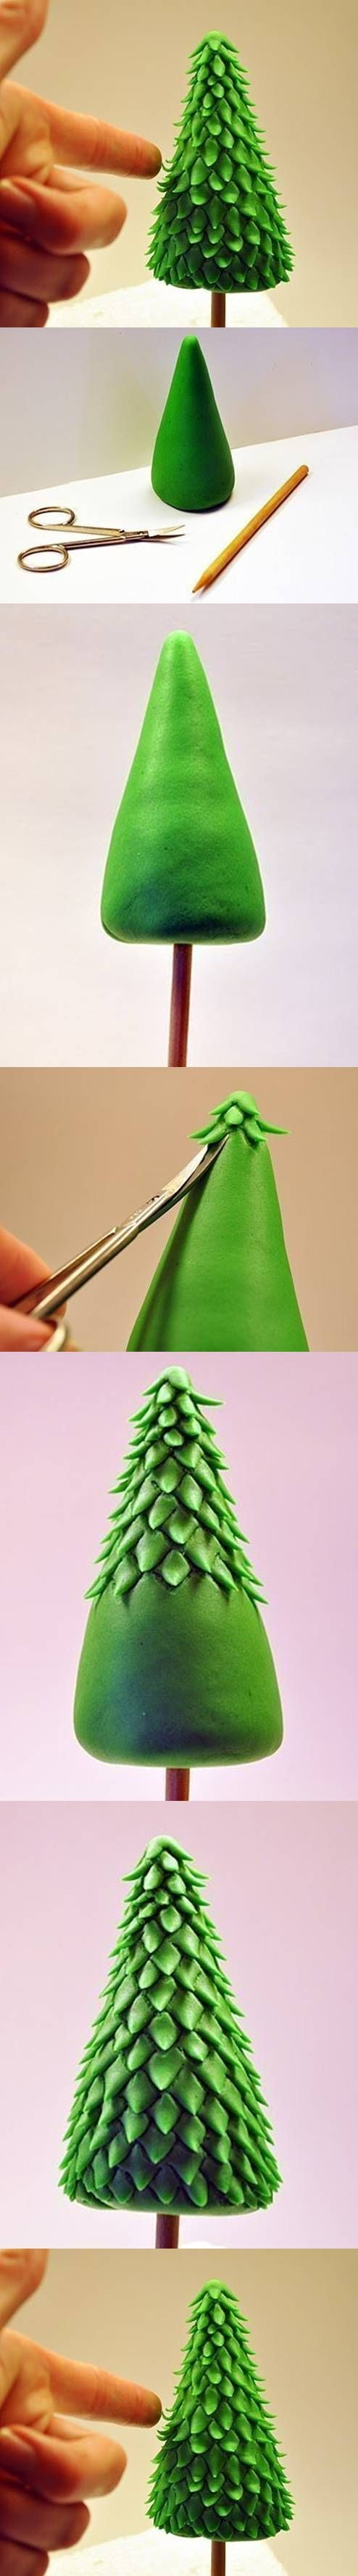 Como hacer un arbol navide o en porcelana fria arte for Adornos navidenos en porcelana fria utilisima